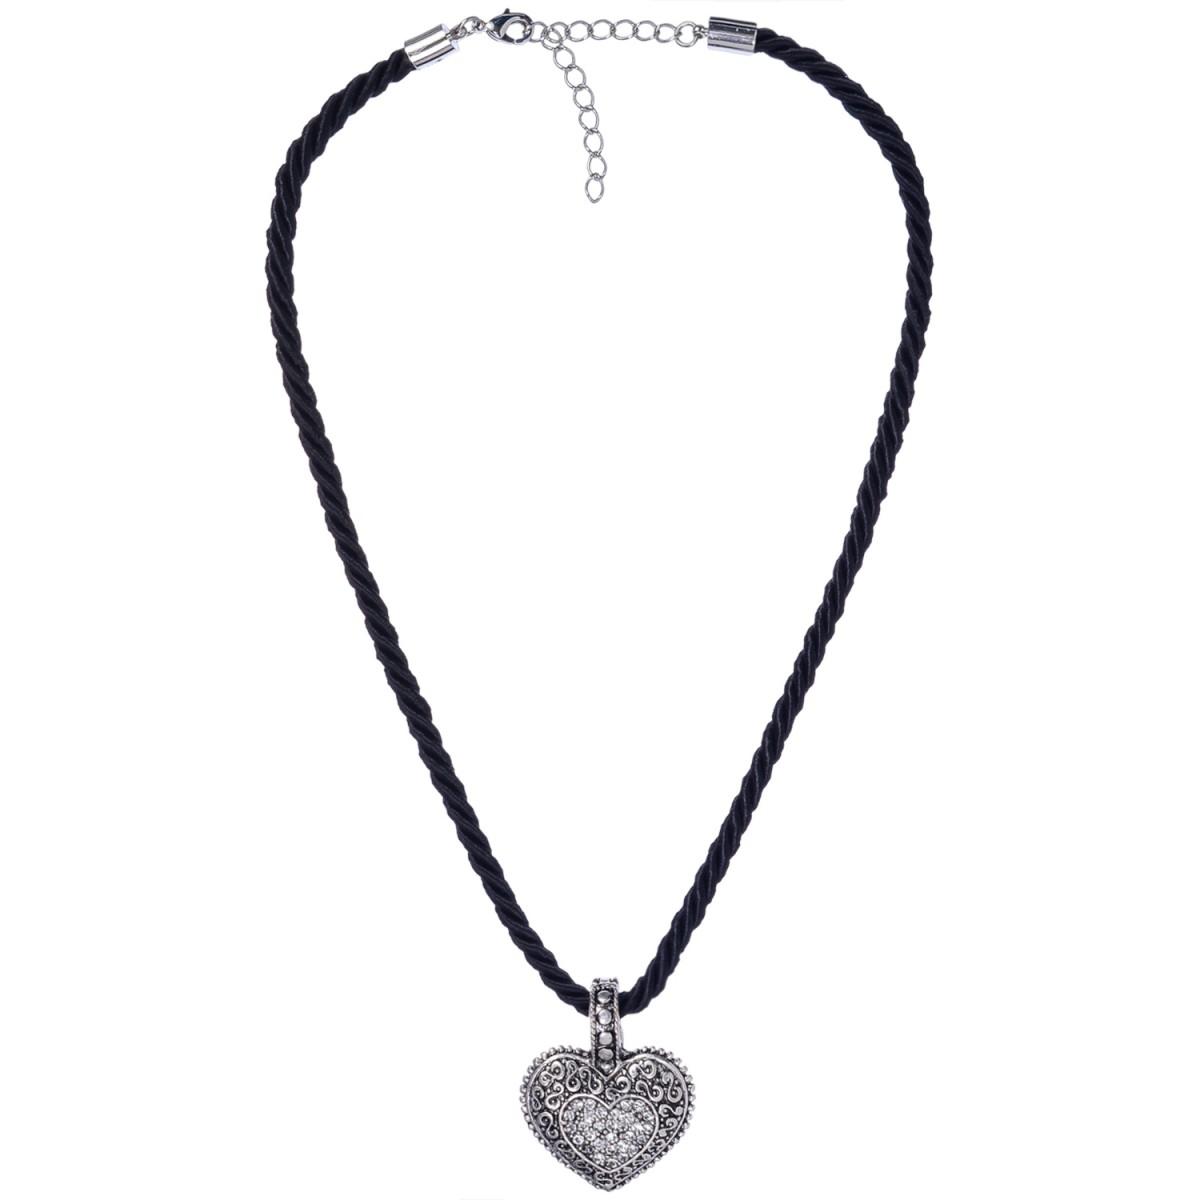 Kordelkette in Schwarz mit Herzanhänger von Schlick Accessoires